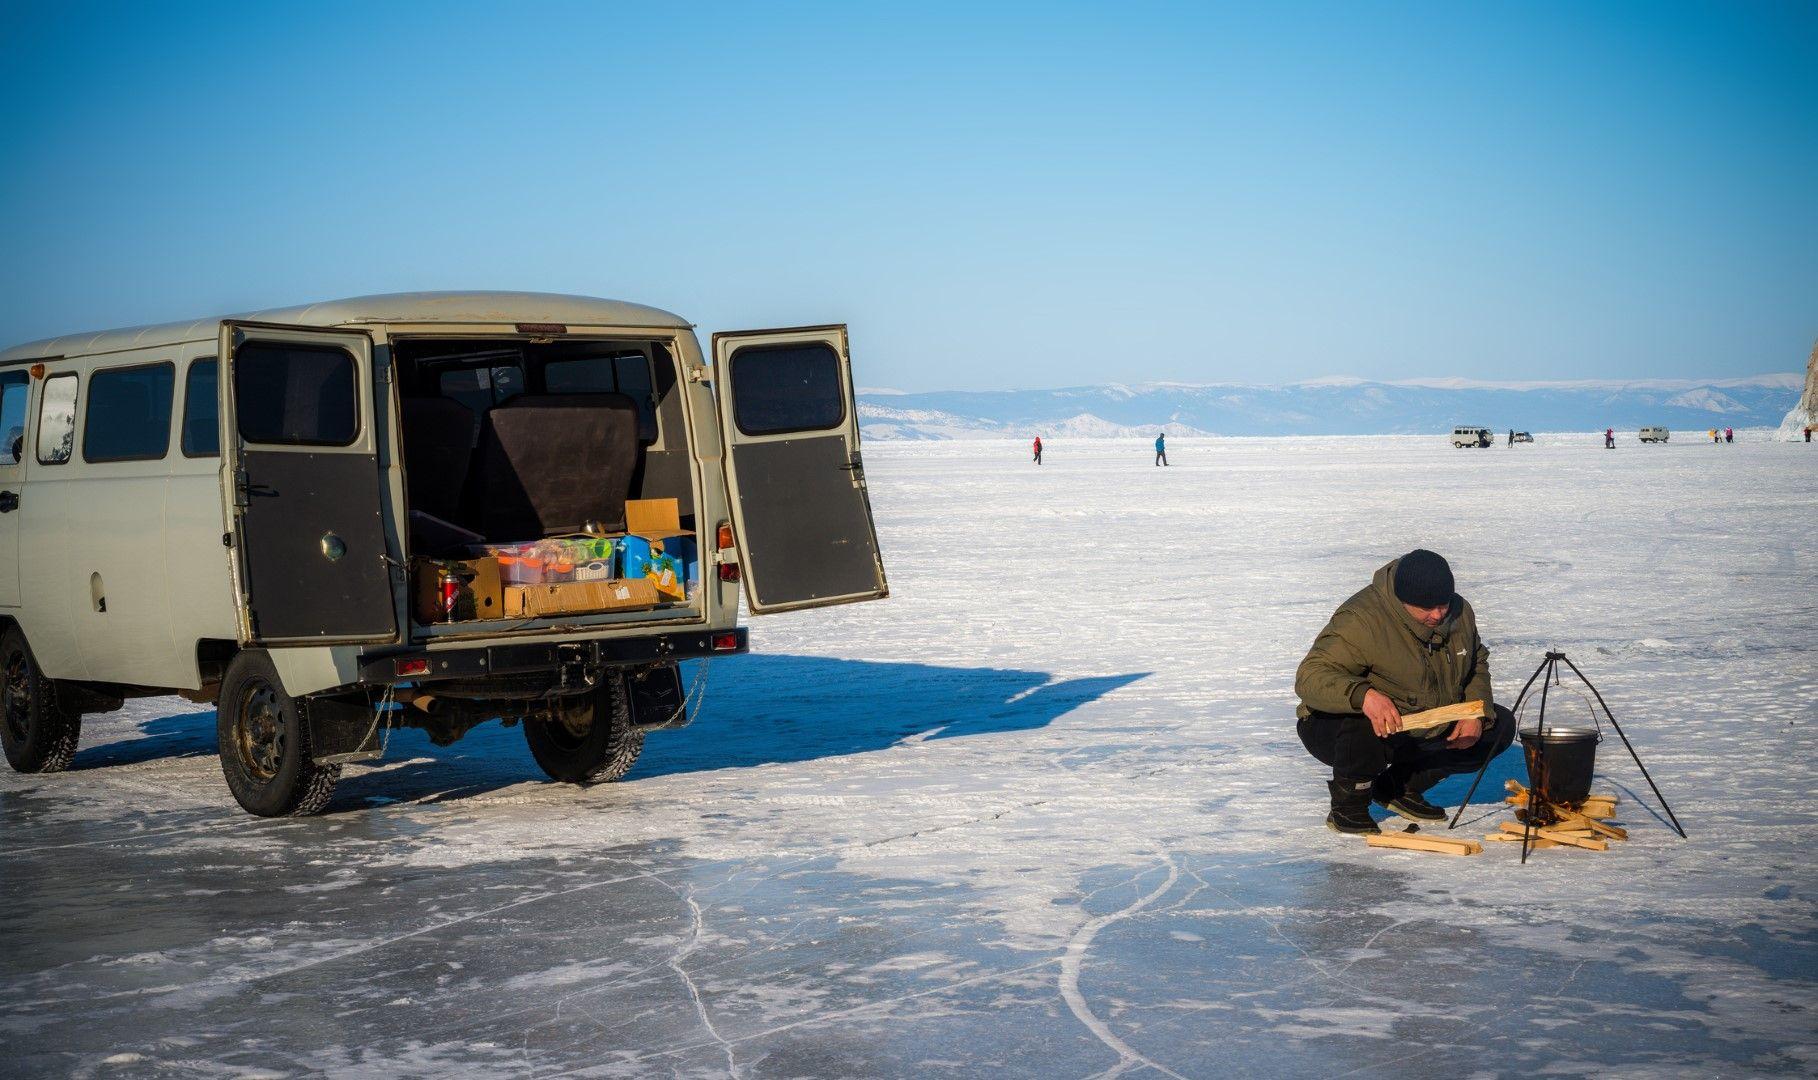 Гид приготвя обяд за туристите